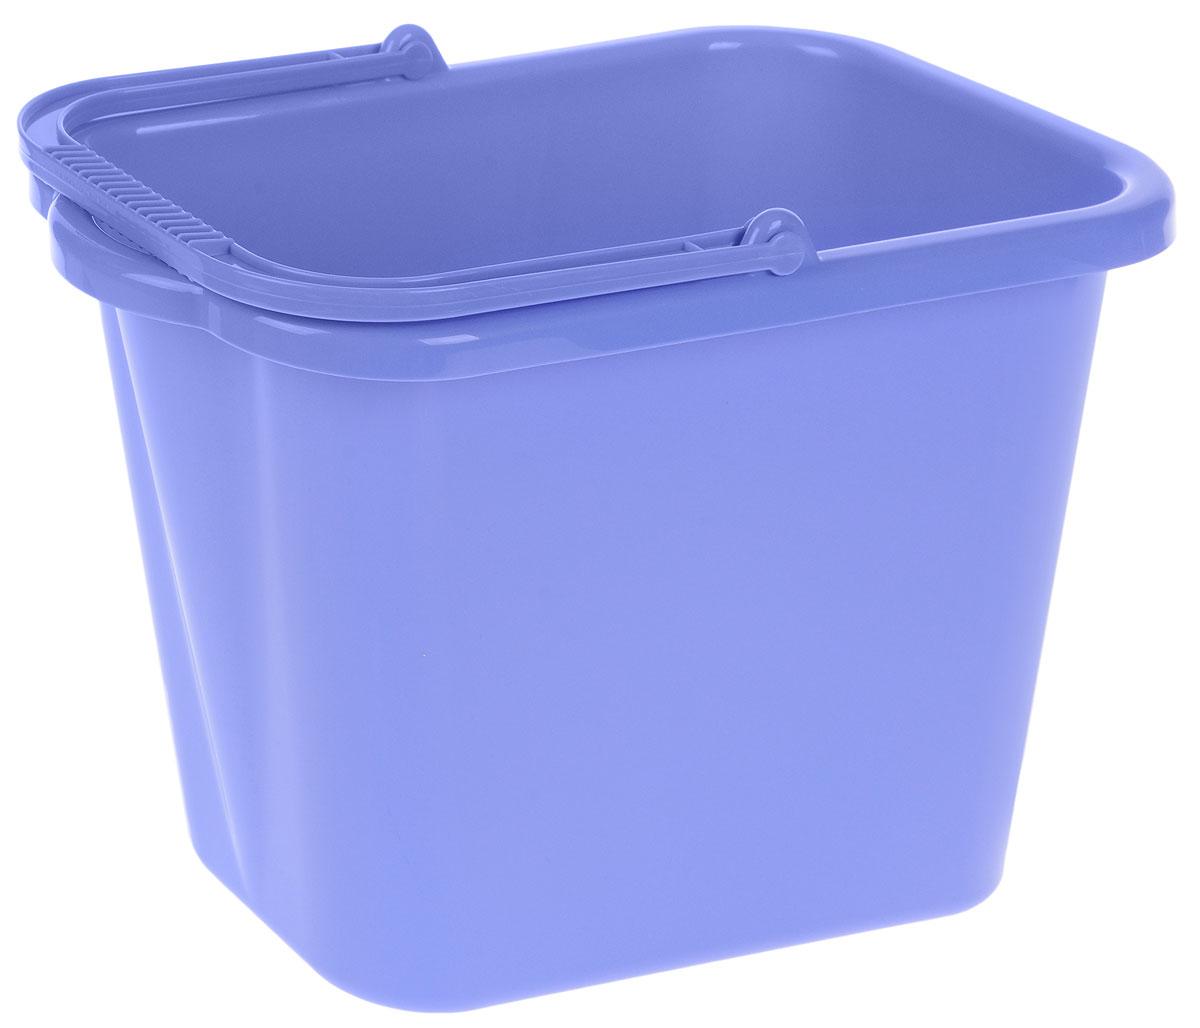 Ведро хозяйственное Idea, прямоугольное, цвет: сиреневый, 9,5 лМ 2420Прямоугольное ведро Idea изготовлено из прочного пластика. Изделие порадует практичных хозяек. Ведро можно использовать для пищевых продуктов или для мытья полов. Для удобного использования ведро имеет пластиковую ручку и носик для выливания воды. Размер ведра (по верхнему краю): 36 х 21,5 см.Высота стенки: 25 см.